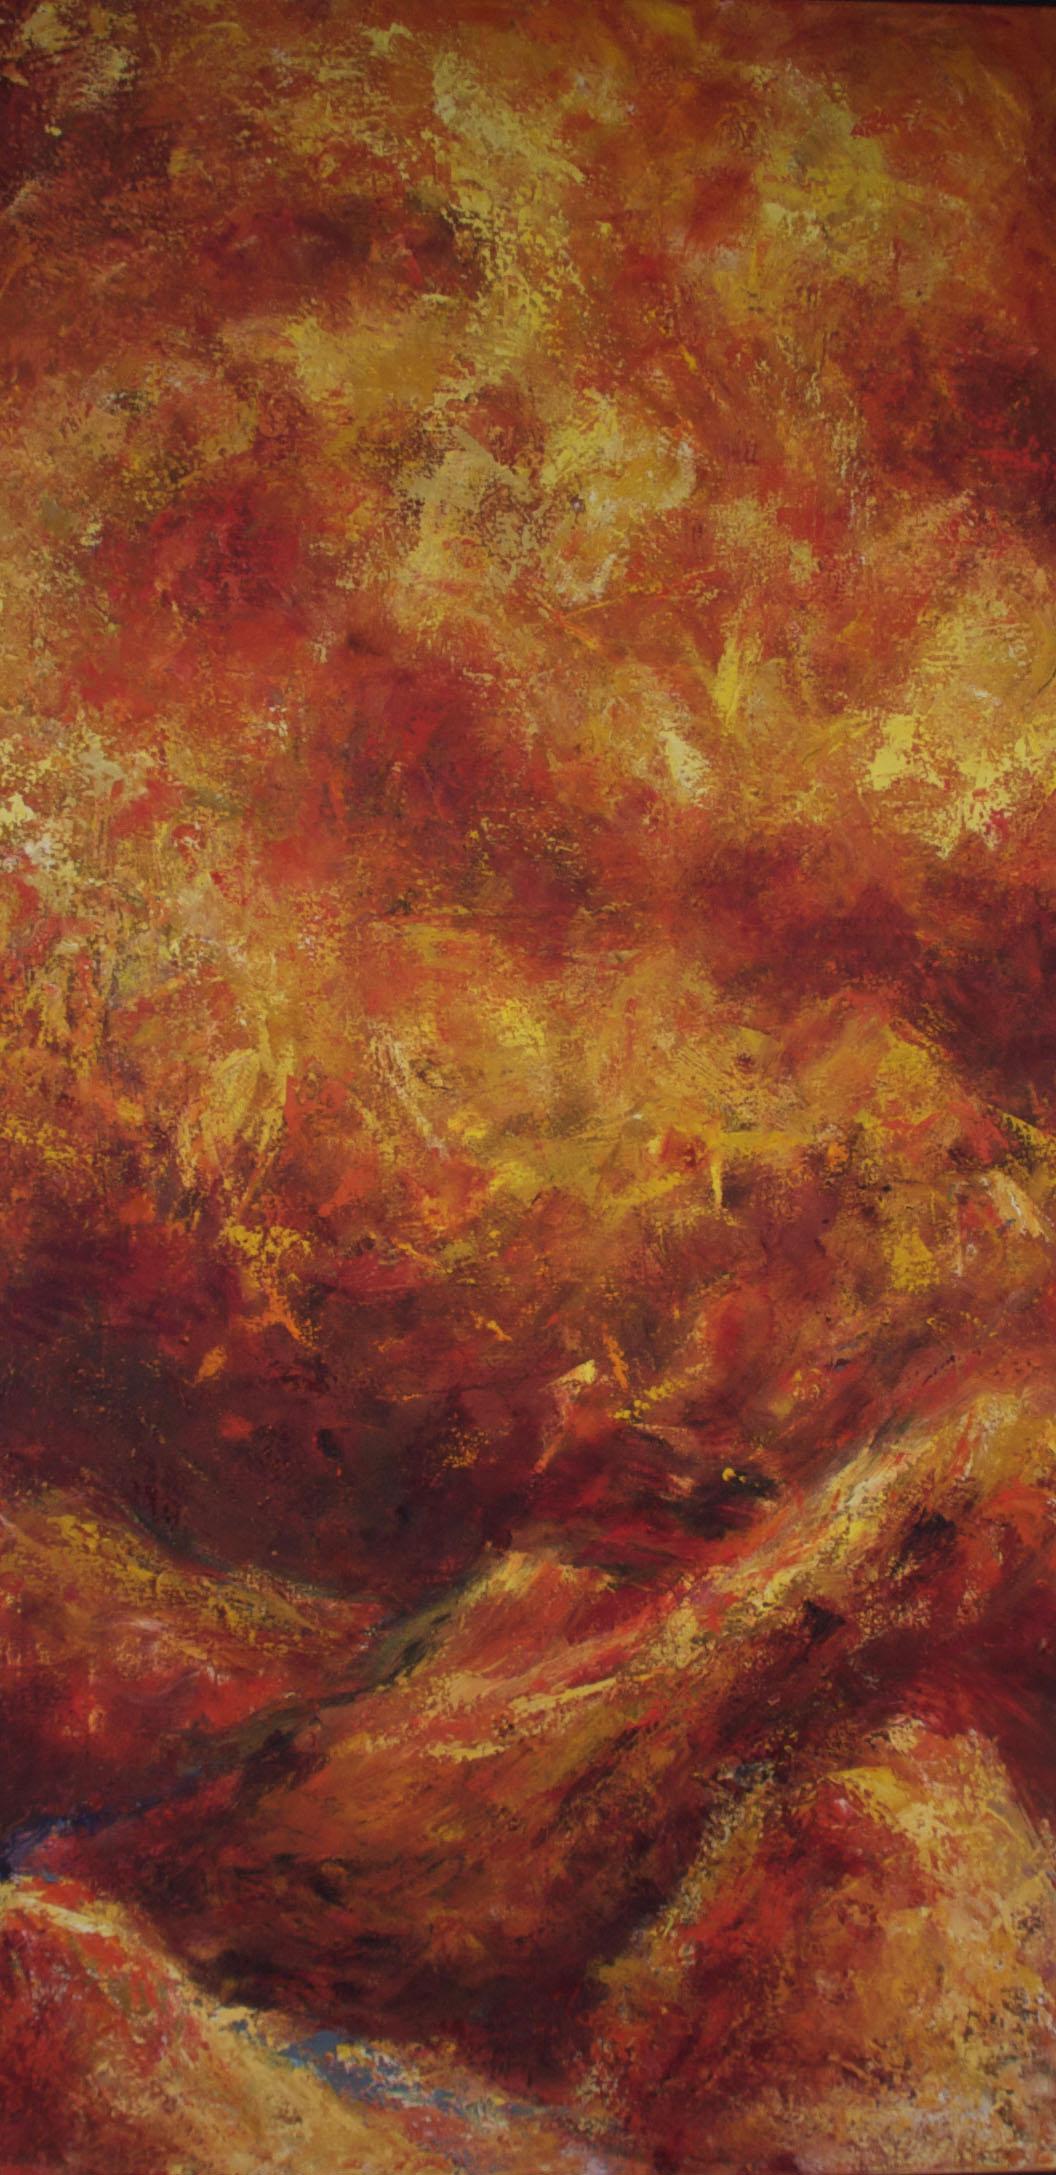 synesthesia-1-of-3_14999155155_o